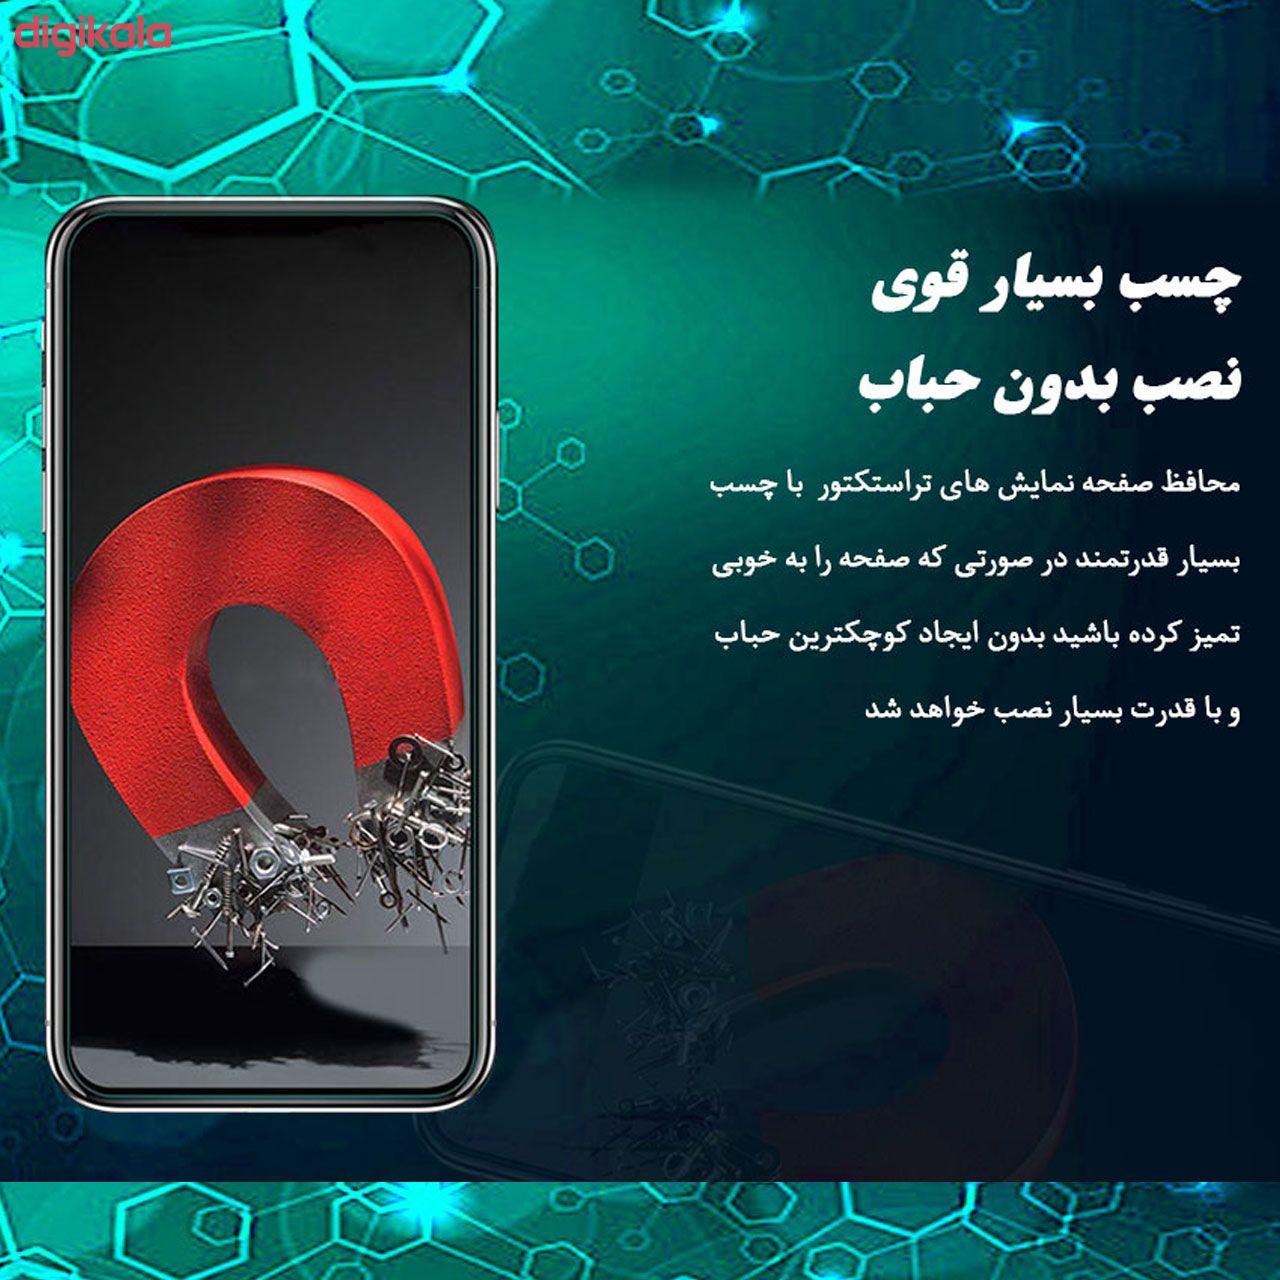 محافظ صفحه نمایش تراستکتور مدل GLS مناسب برای گوشی موبایل شیائومی Mi A2 Lite / Redmi 6 Pro main 1 9